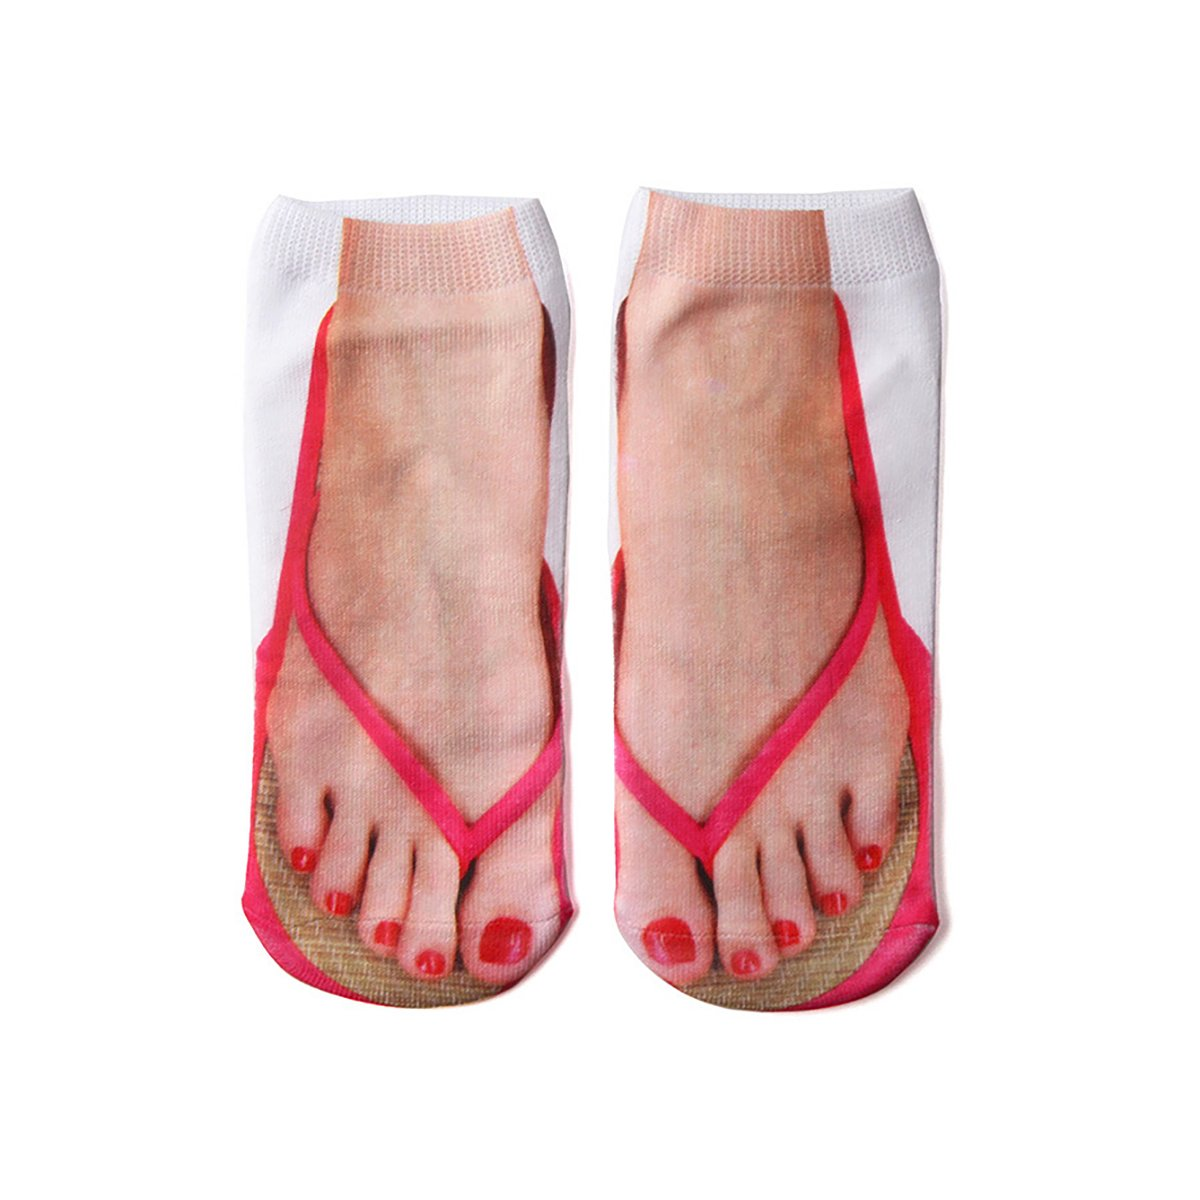 CZ Women 3D pattern Print Socks Cute Funny Flip Flop Socks Low Cut Ankle Socks 0604270536049